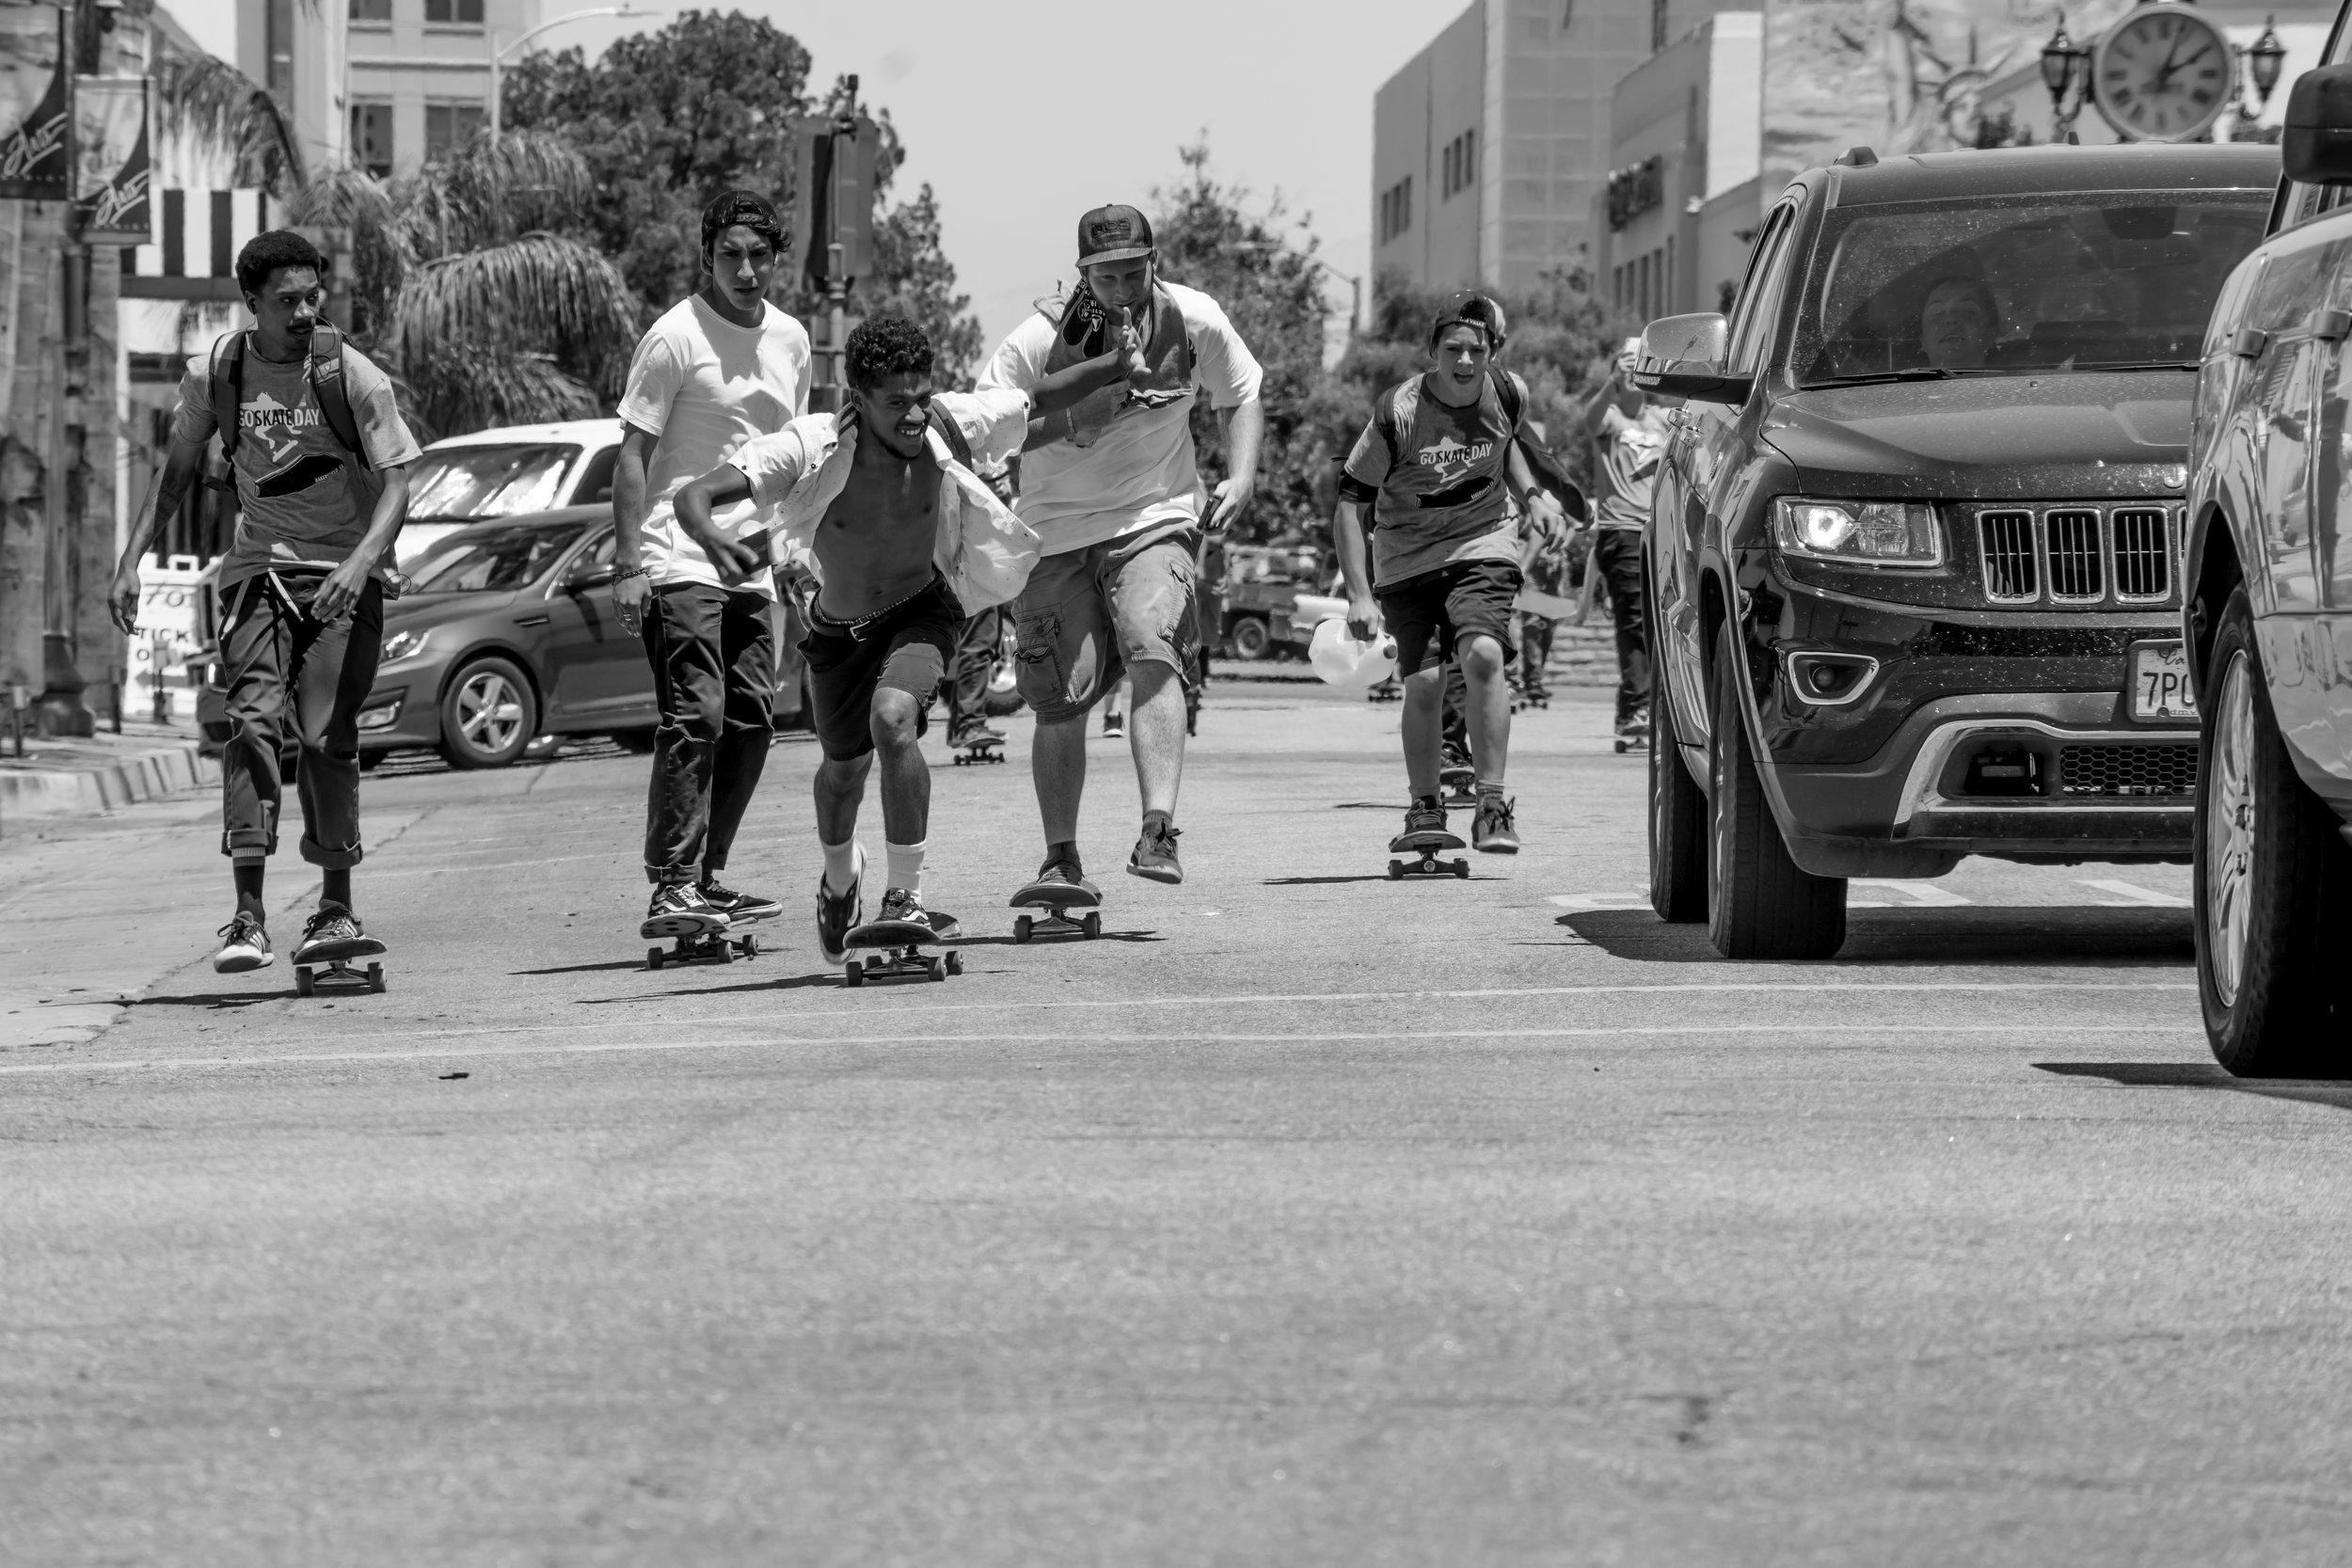 Go Skate Day12 BW (1 of 1).jpg